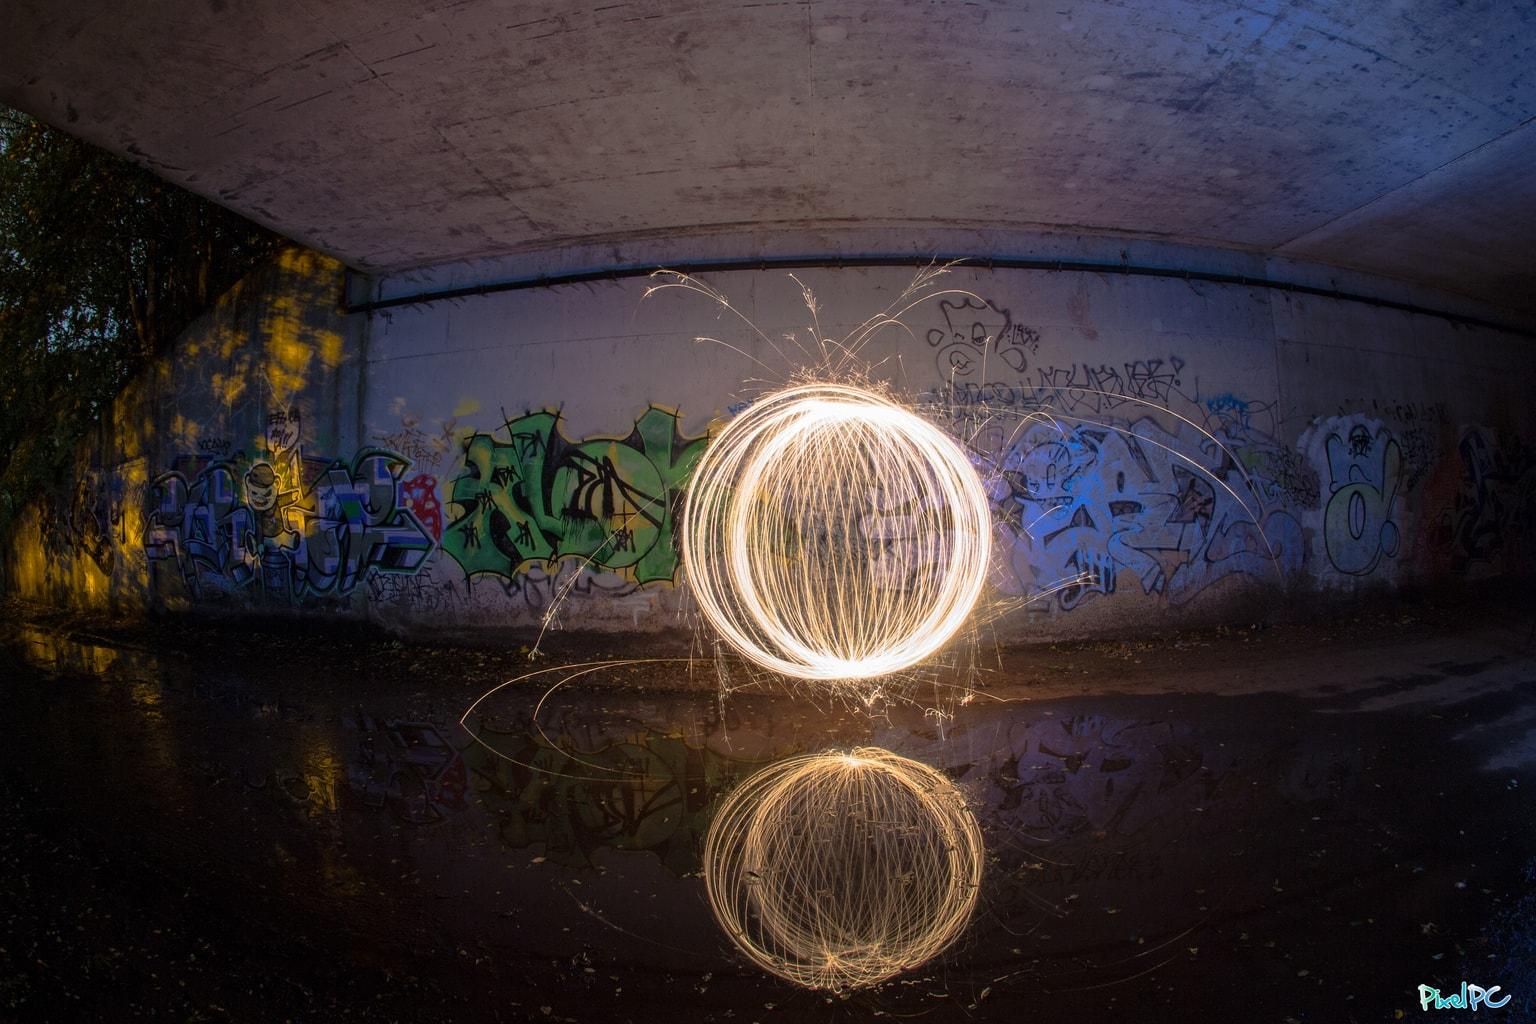 Esfera de luz, junto con su reflejo en el agua